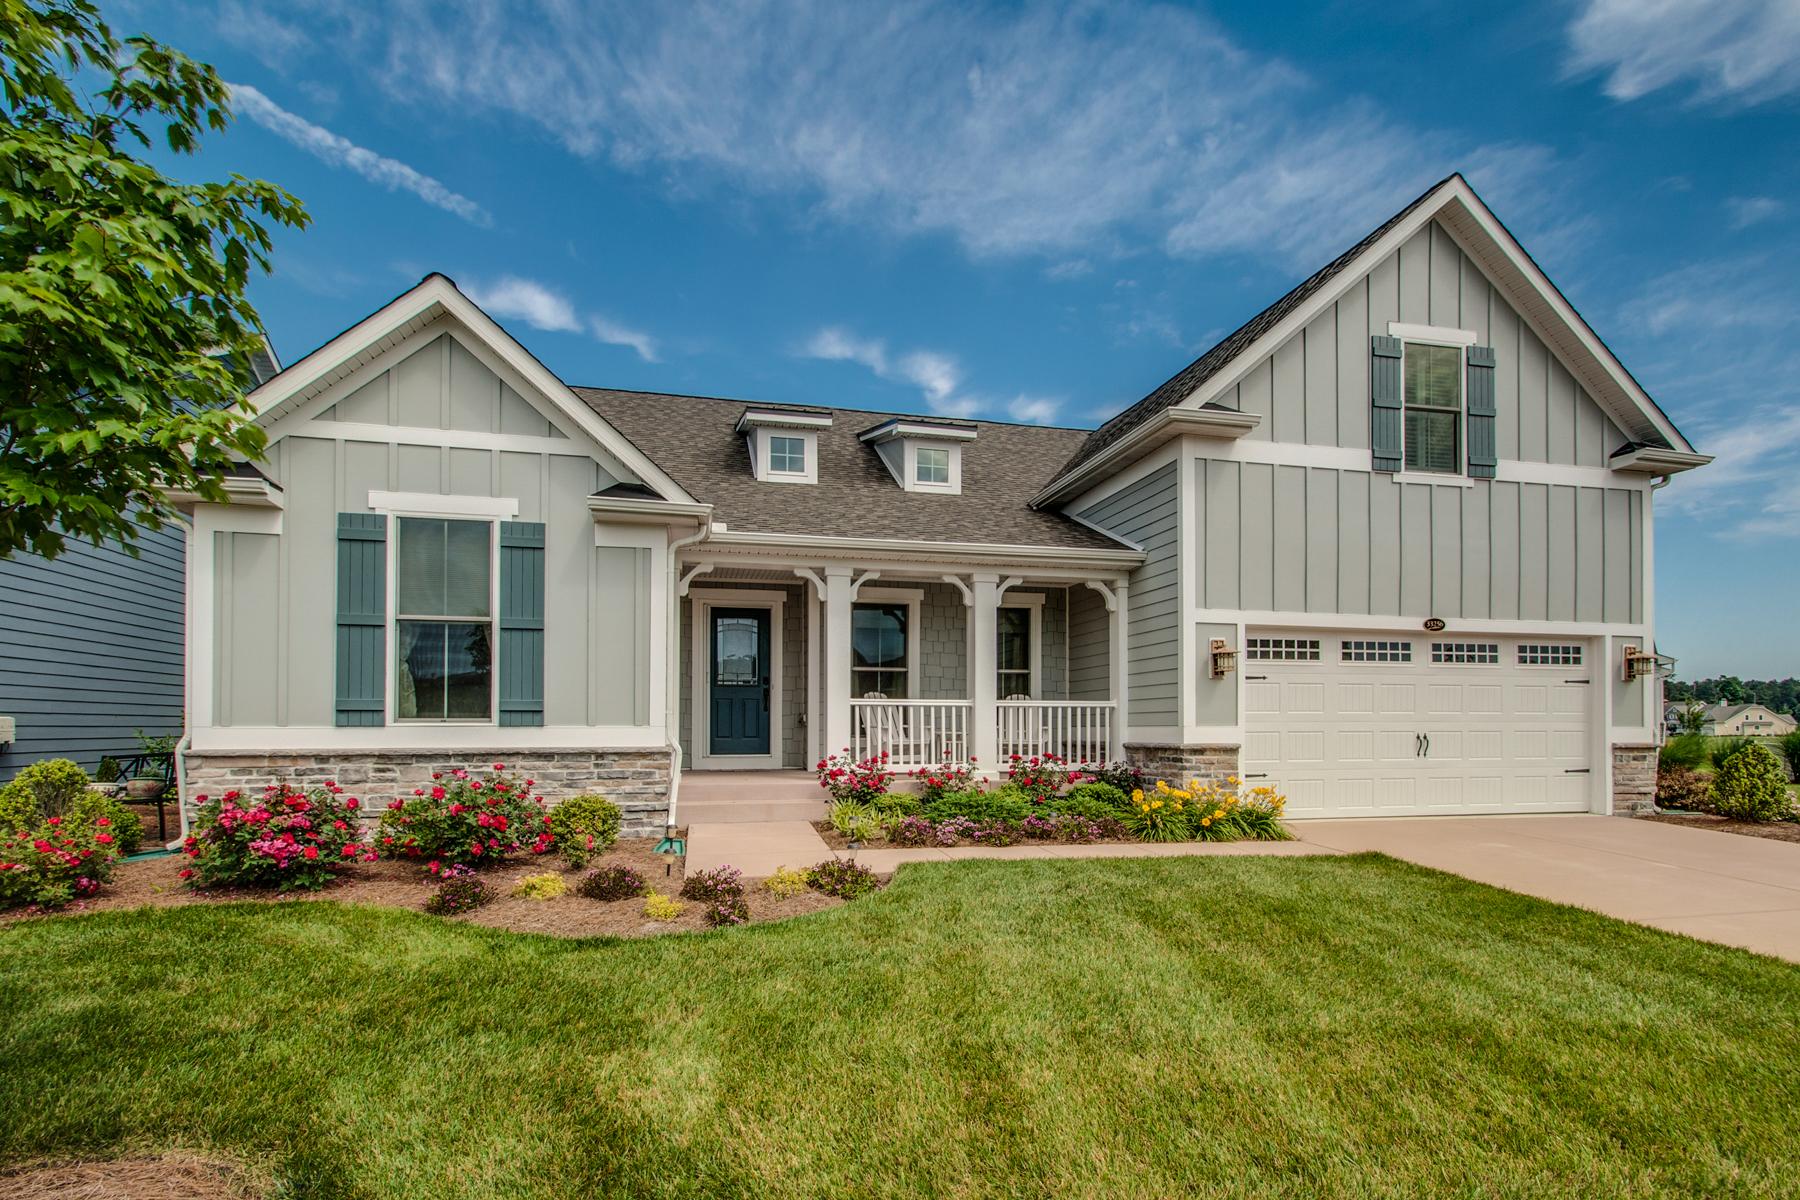 Maison unifamiliale pour l Vente à 33256 Wading Duck Drive , Millsboro, DE 19966 33256 Wading Duck Drive Millsboro, Delaware, 19966 États-Unis